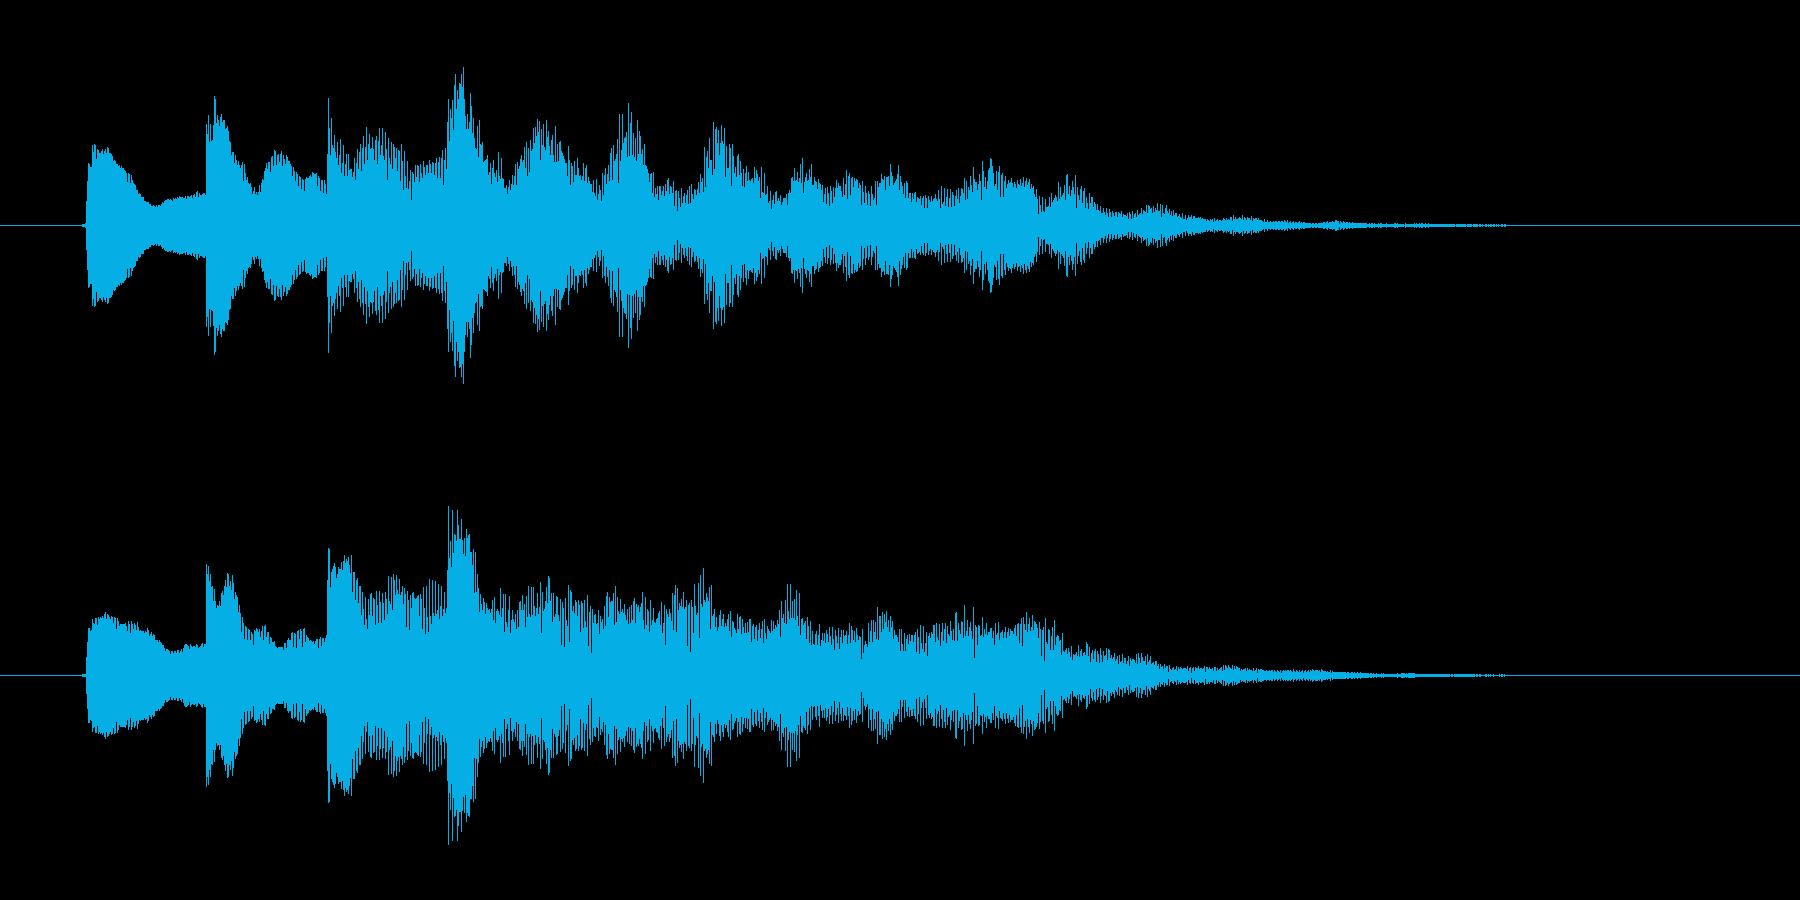 ポンポンポンポン(不思議な木琴の音)の再生済みの波形